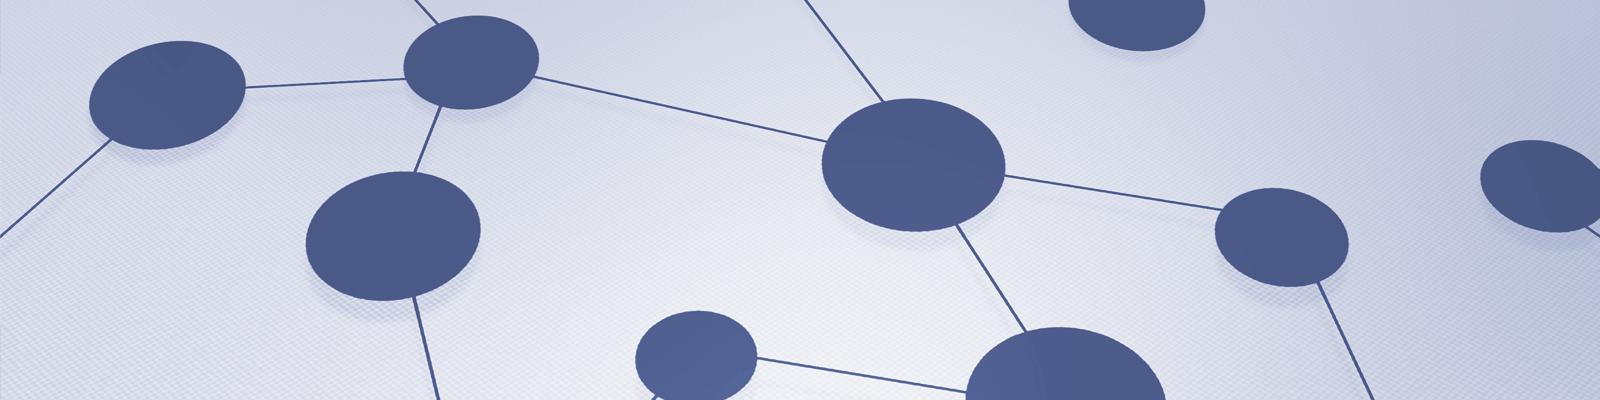 noleslaw-network